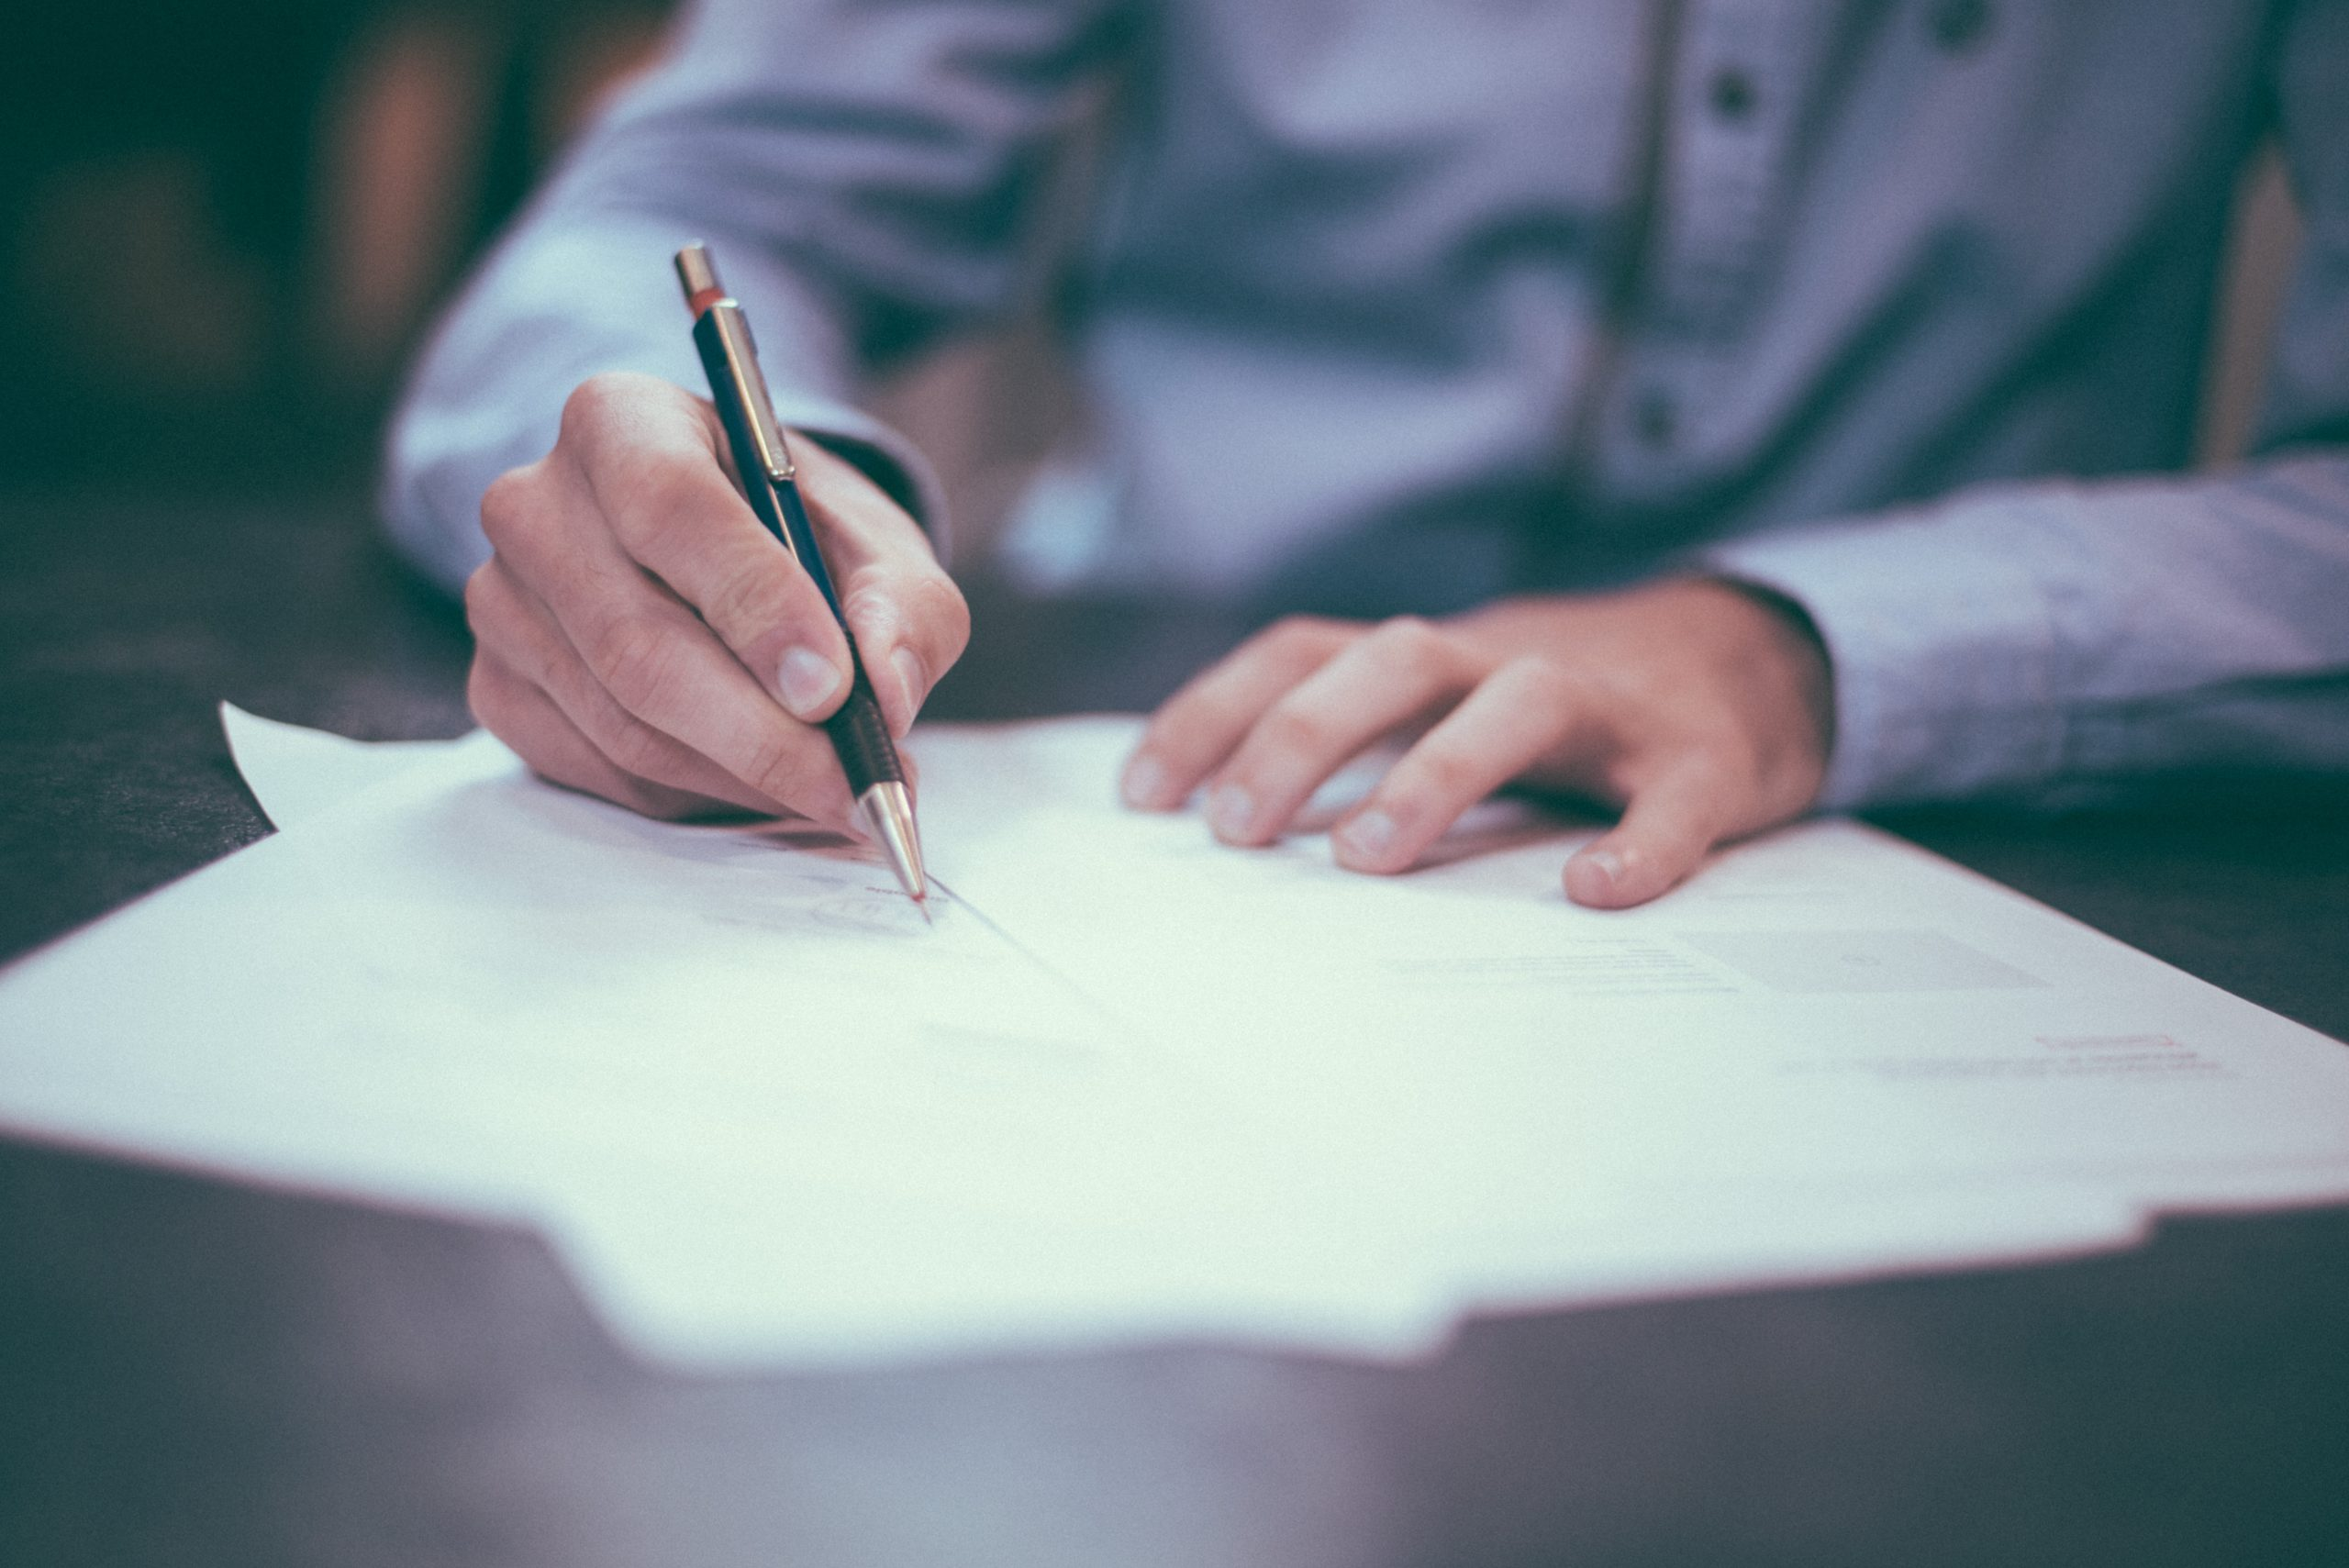 Devenir un expert sur Microsoft Office Word ( Office 365)